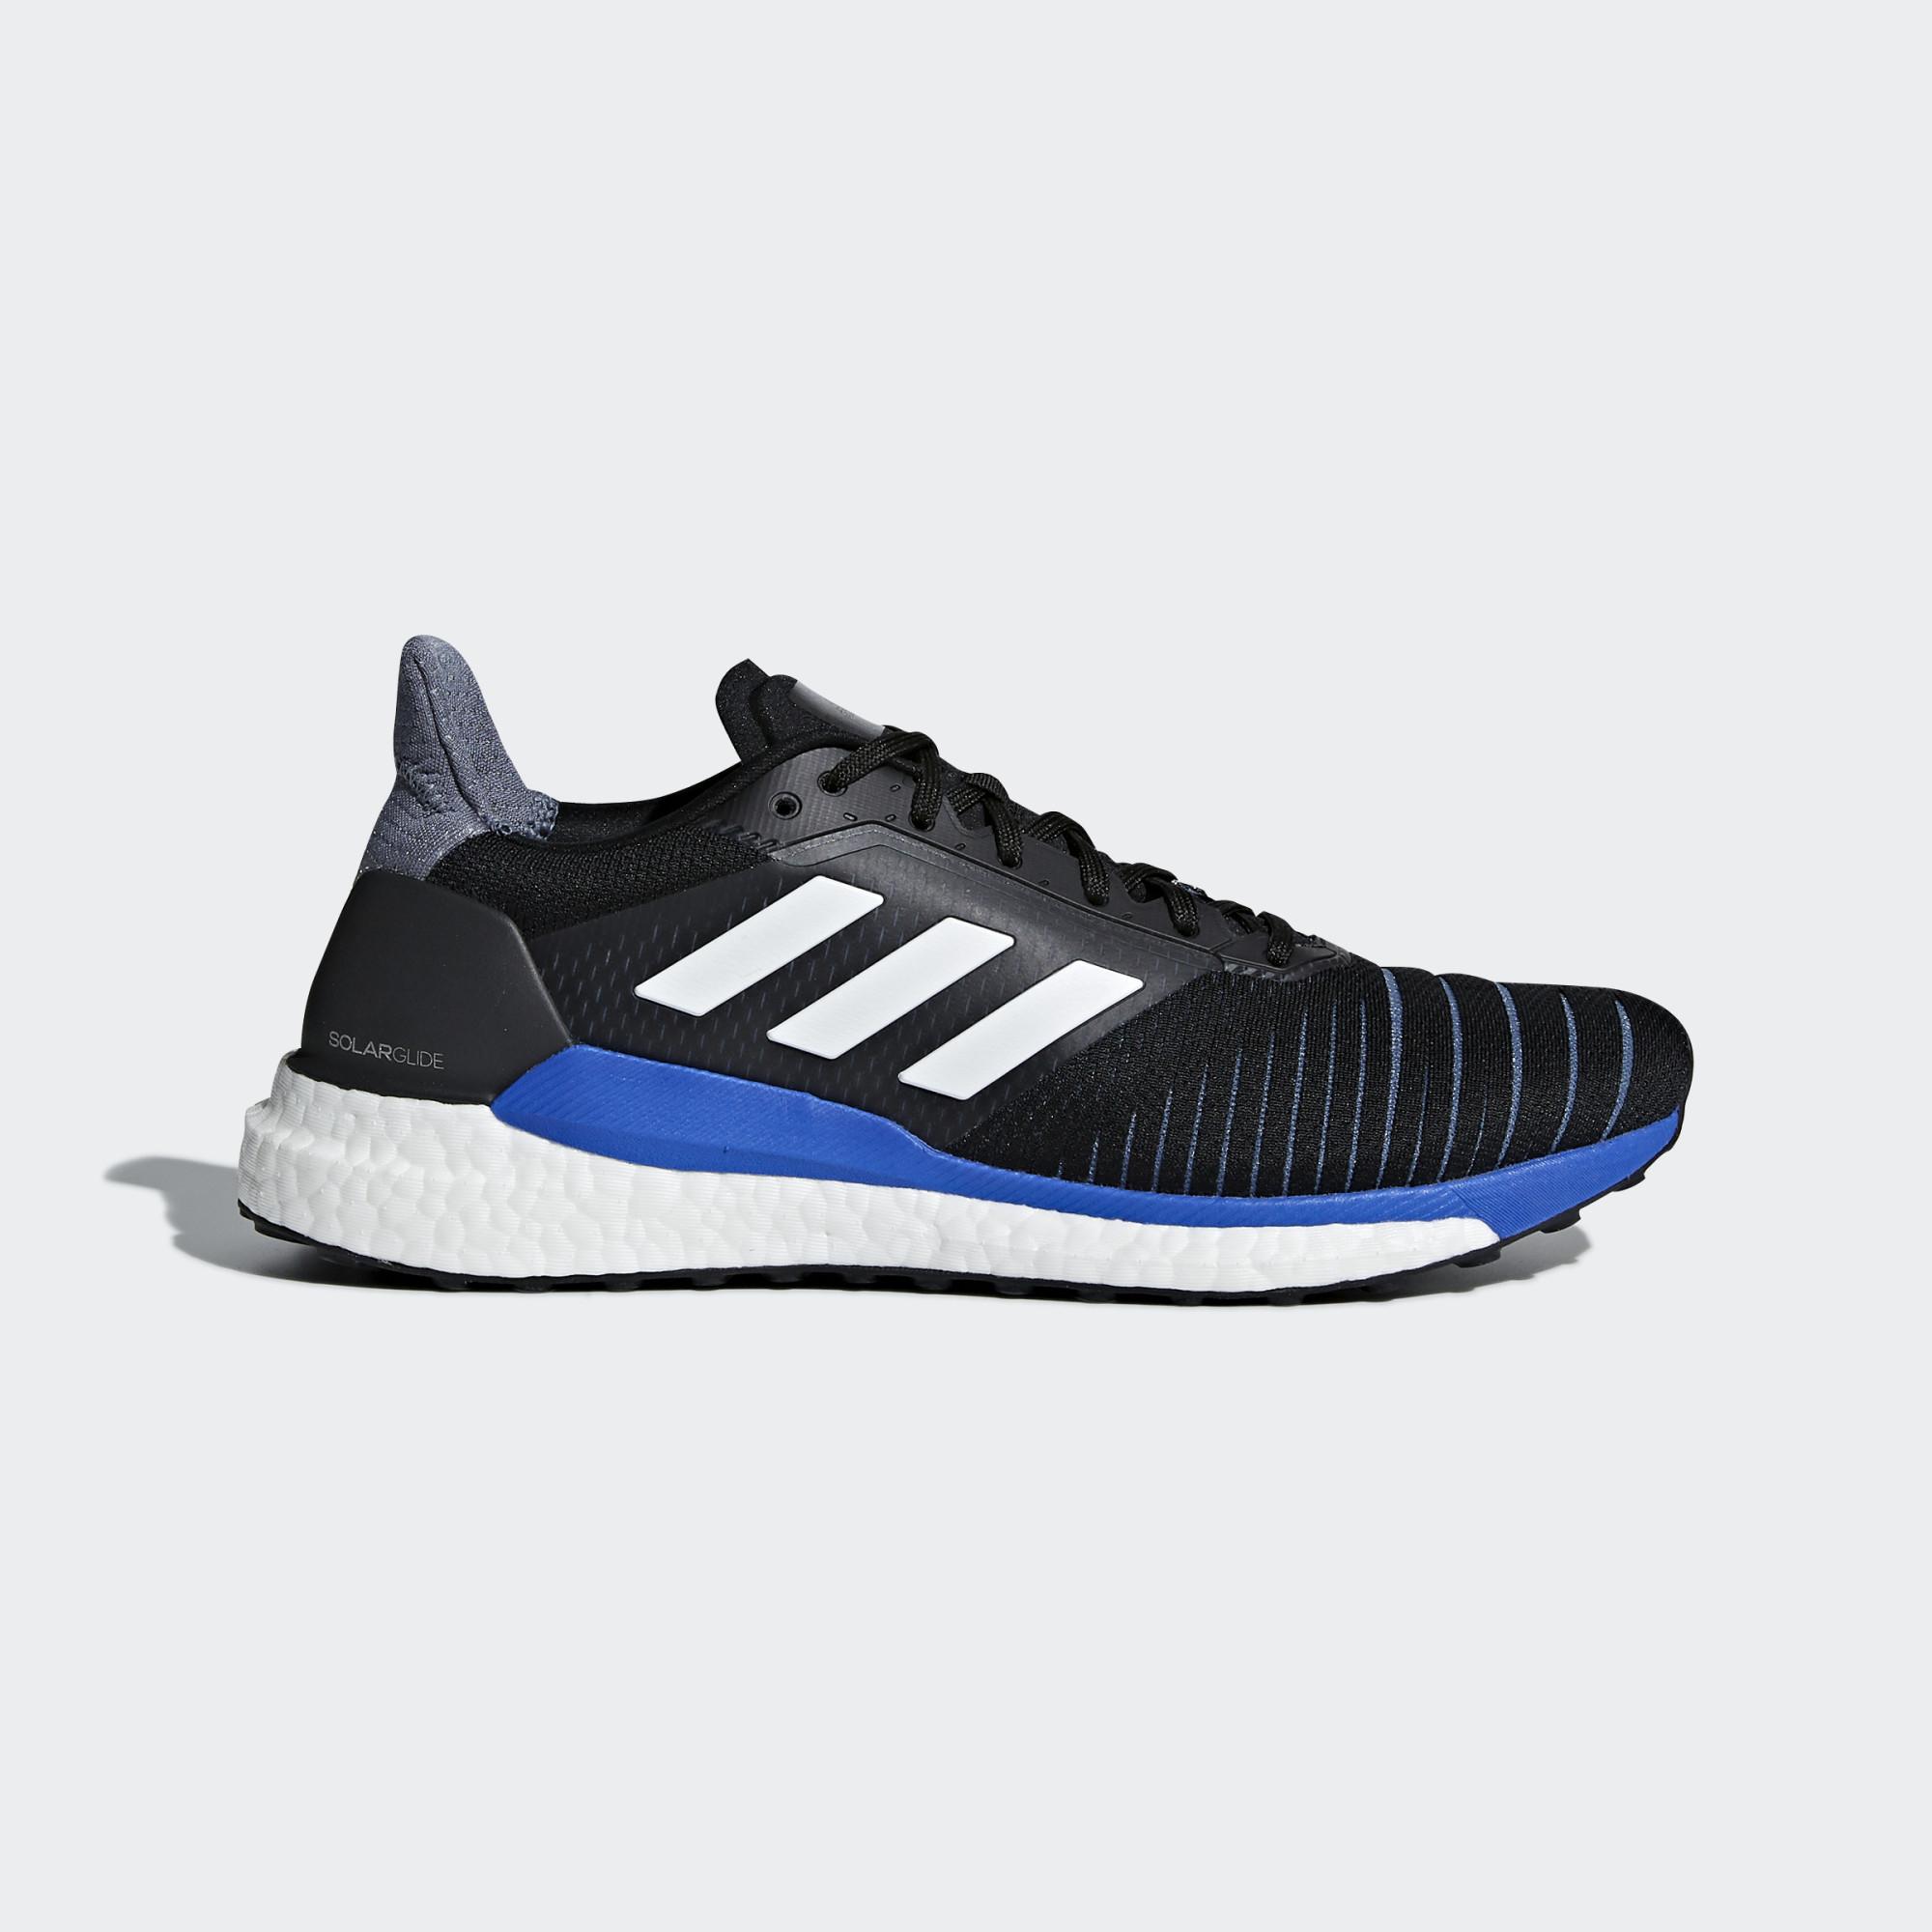 Zapatillas Solar Glide - Hasta el 50% de descuento en la web de Adidas. Añadid además el código SPECIAL25 para un descuento mayor